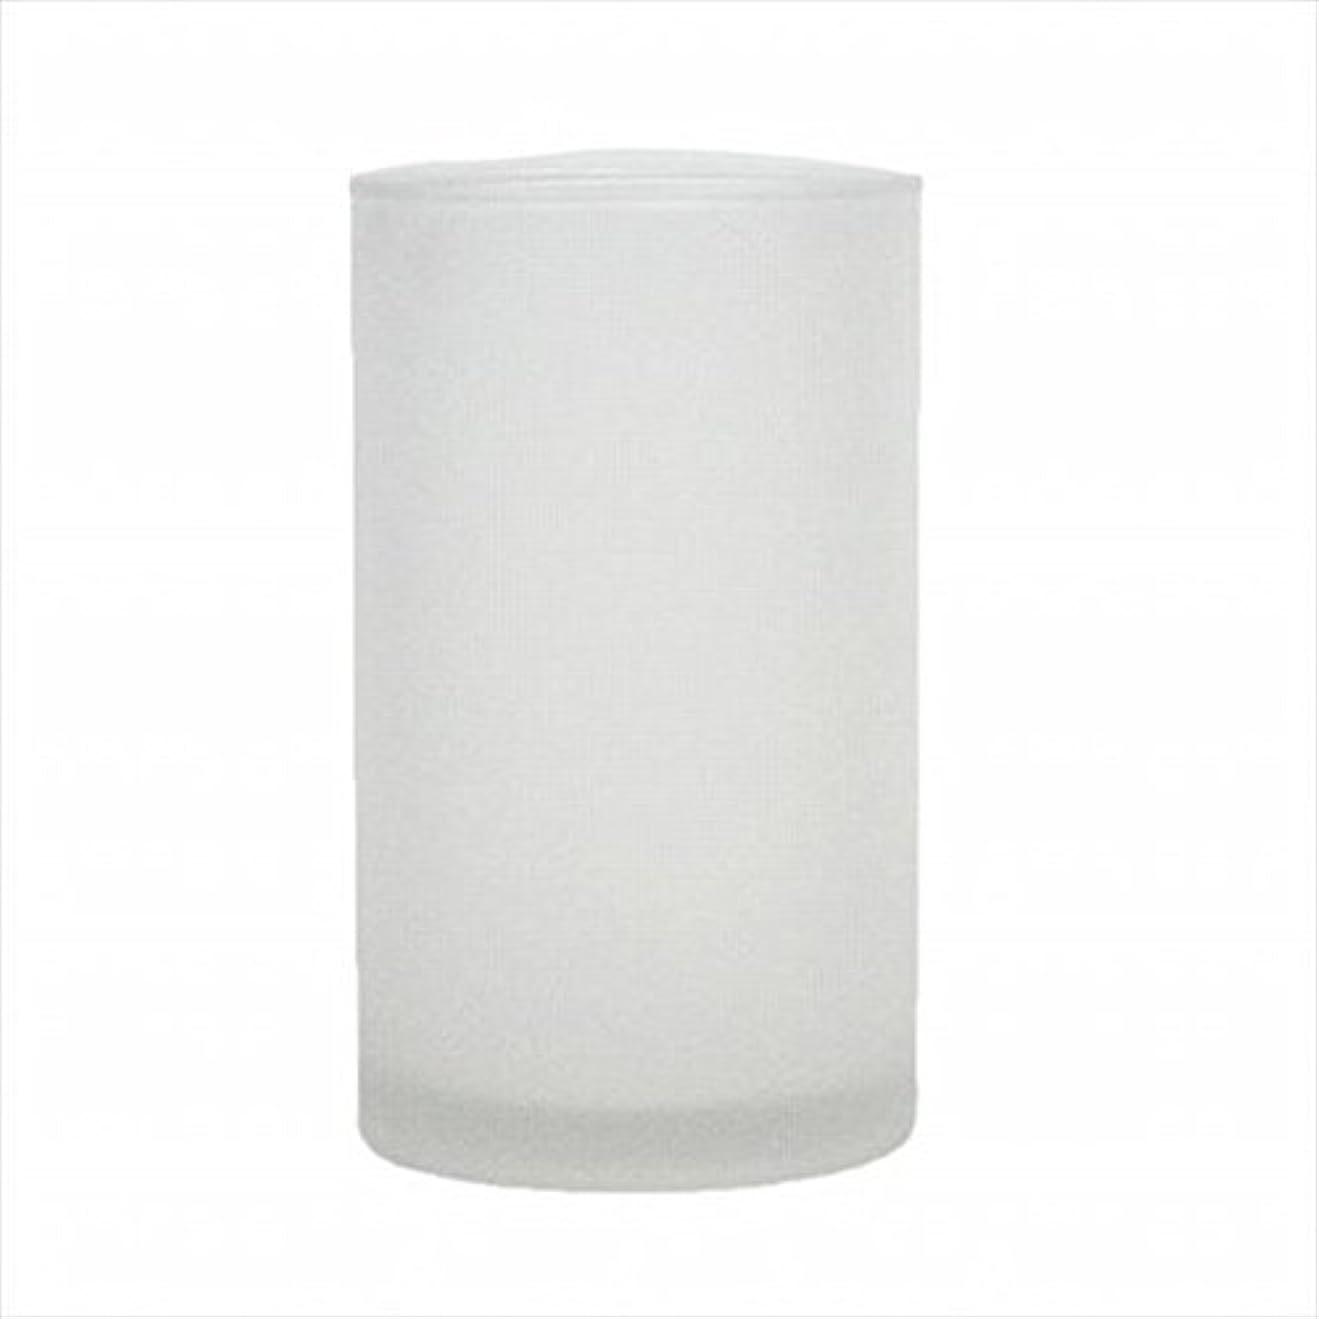 マトリックスいいね不要kameyama candle(カメヤマキャンドル) モルカグラスSフロスト キャンドル 90x90x155mm (65980000)